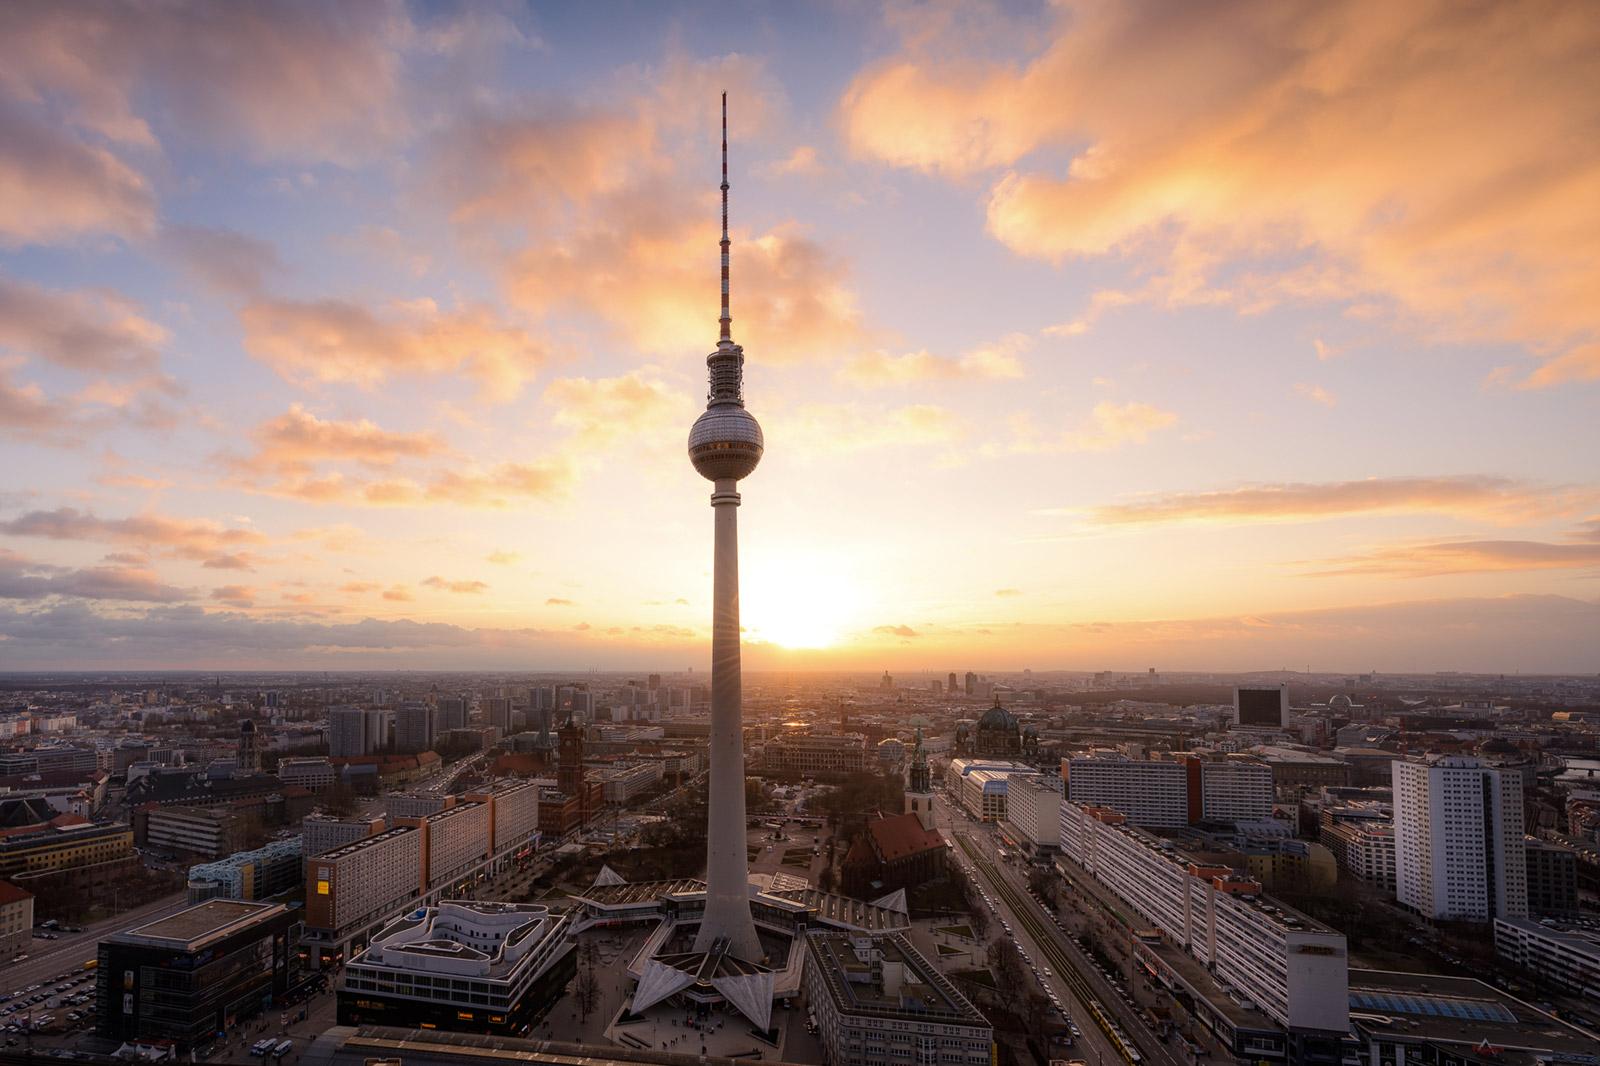 Fernsehturm in Berlin - Stefan Schäfer Landschaftsfotograf